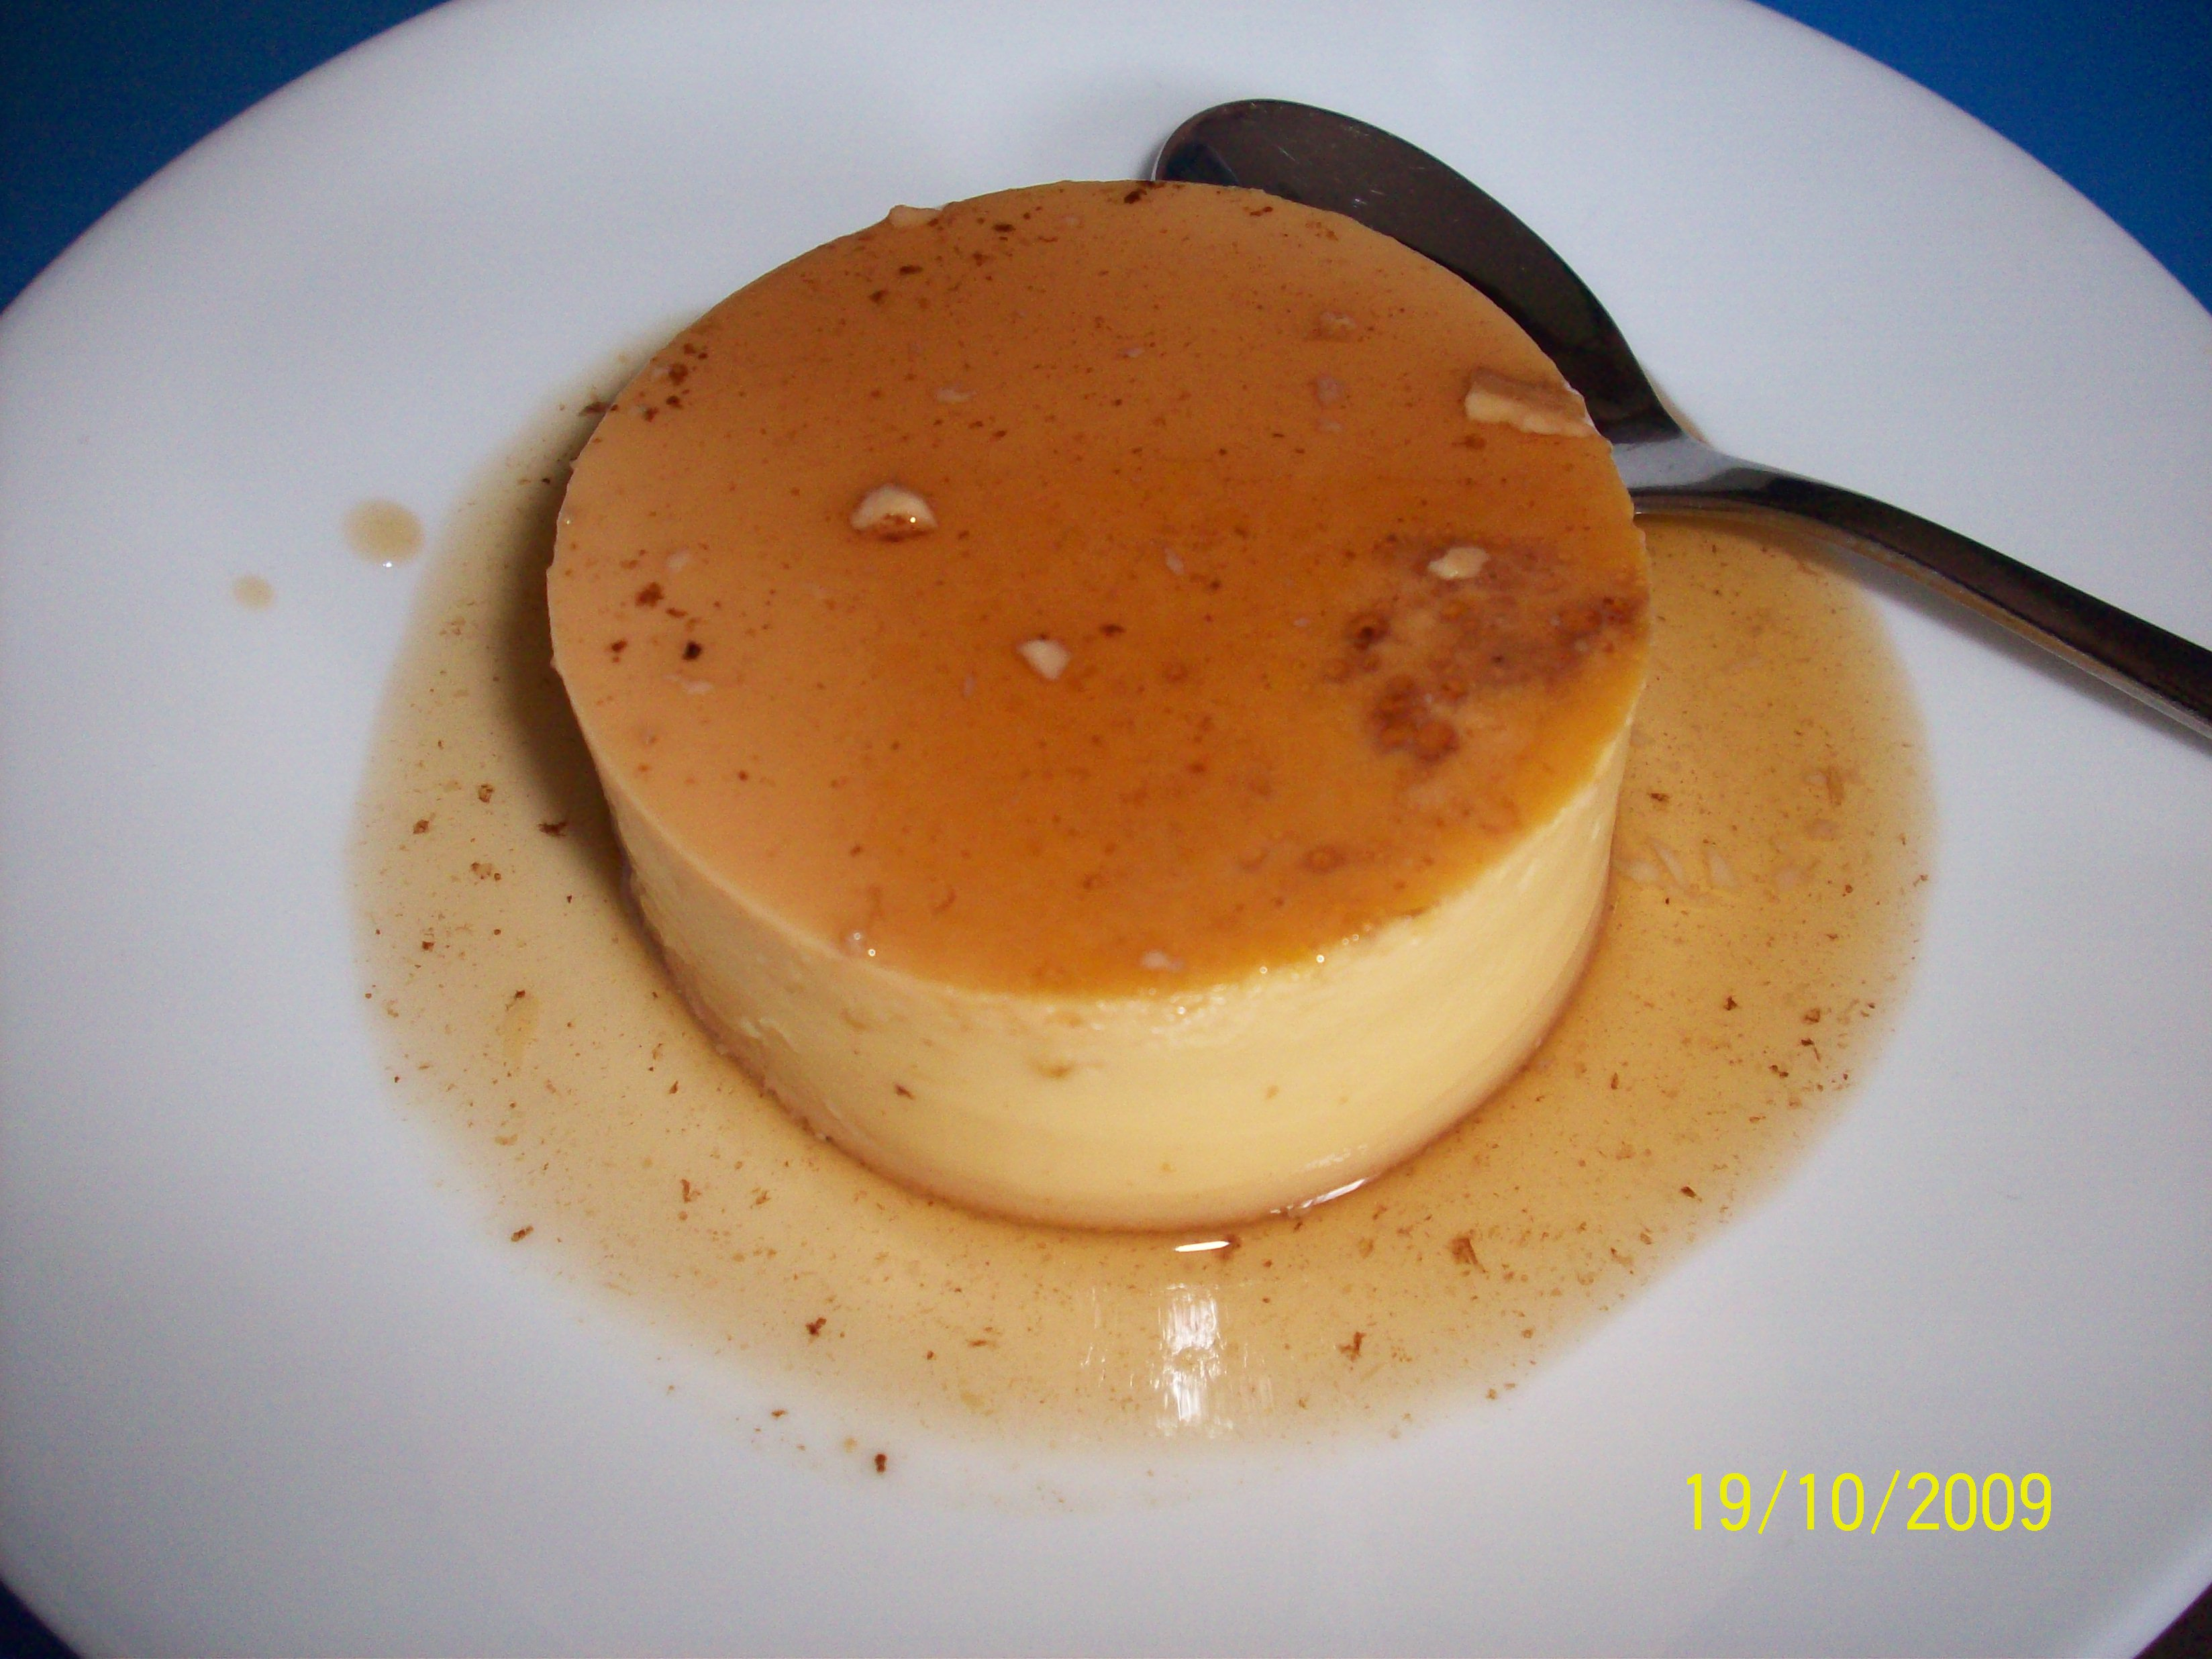 http://foodloader.net/cutie_2009-10-19_Leche_Flan.jpg